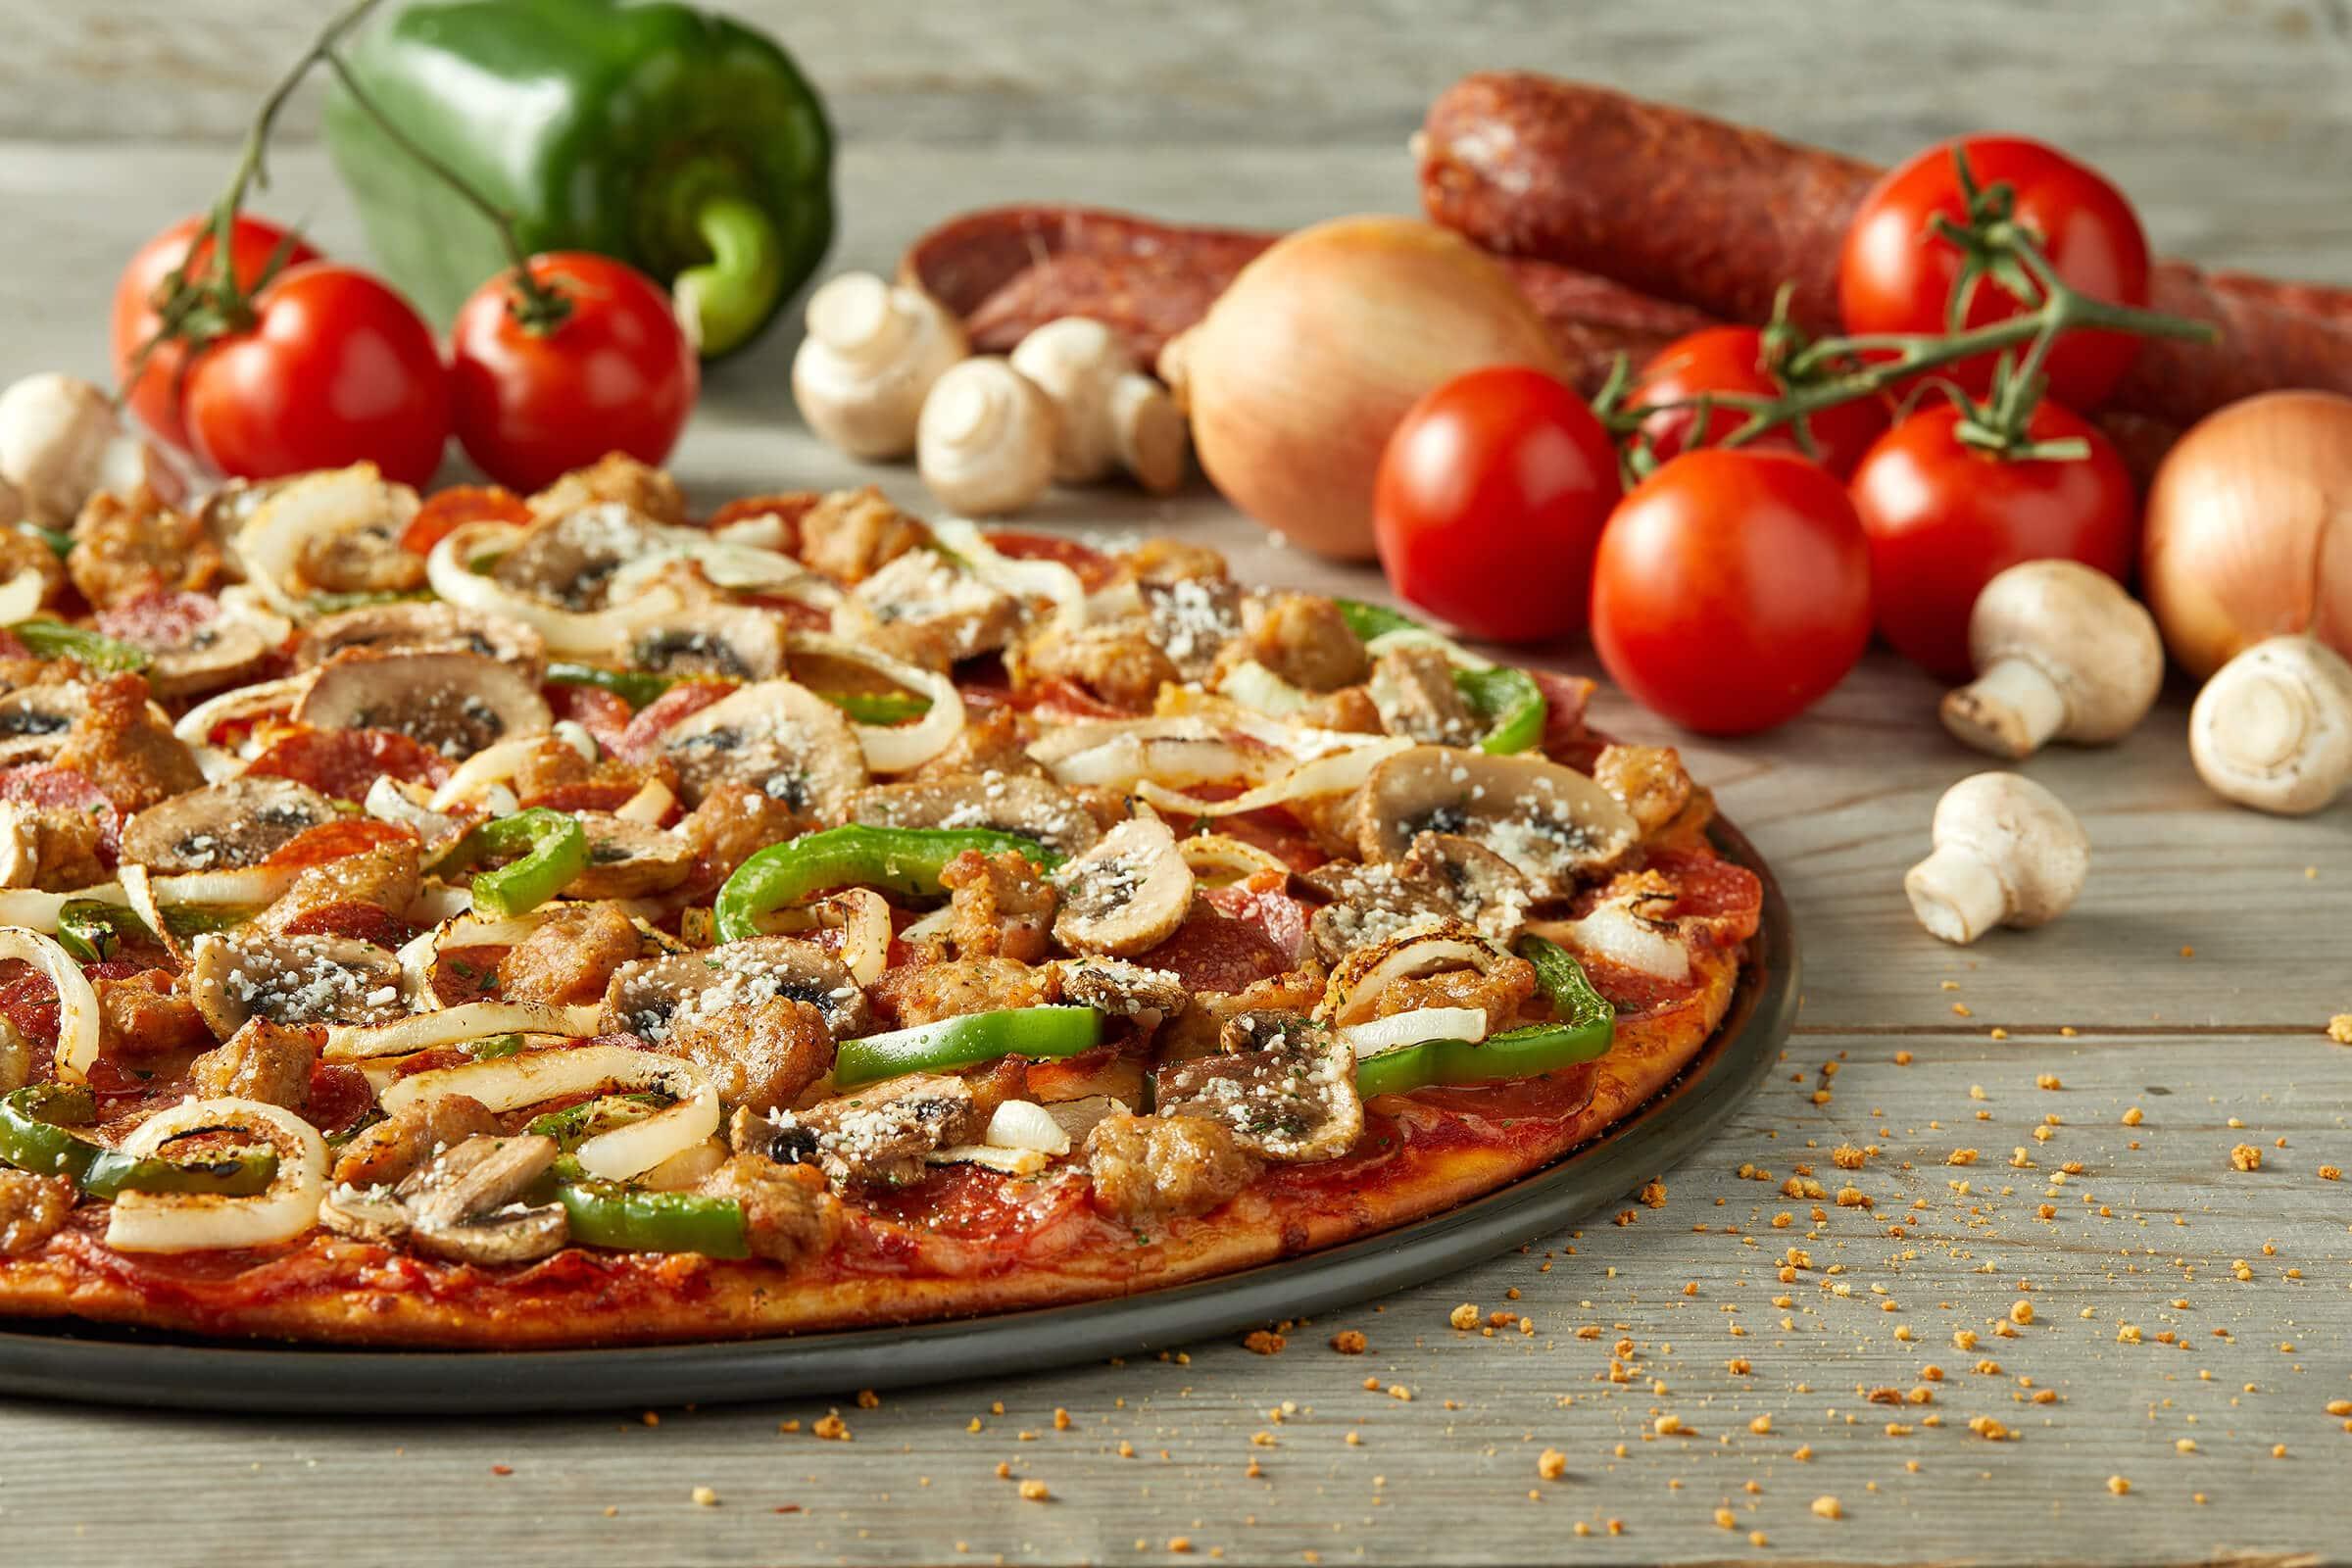 20+ Donatos Gluten Free Pizza Carbs Background